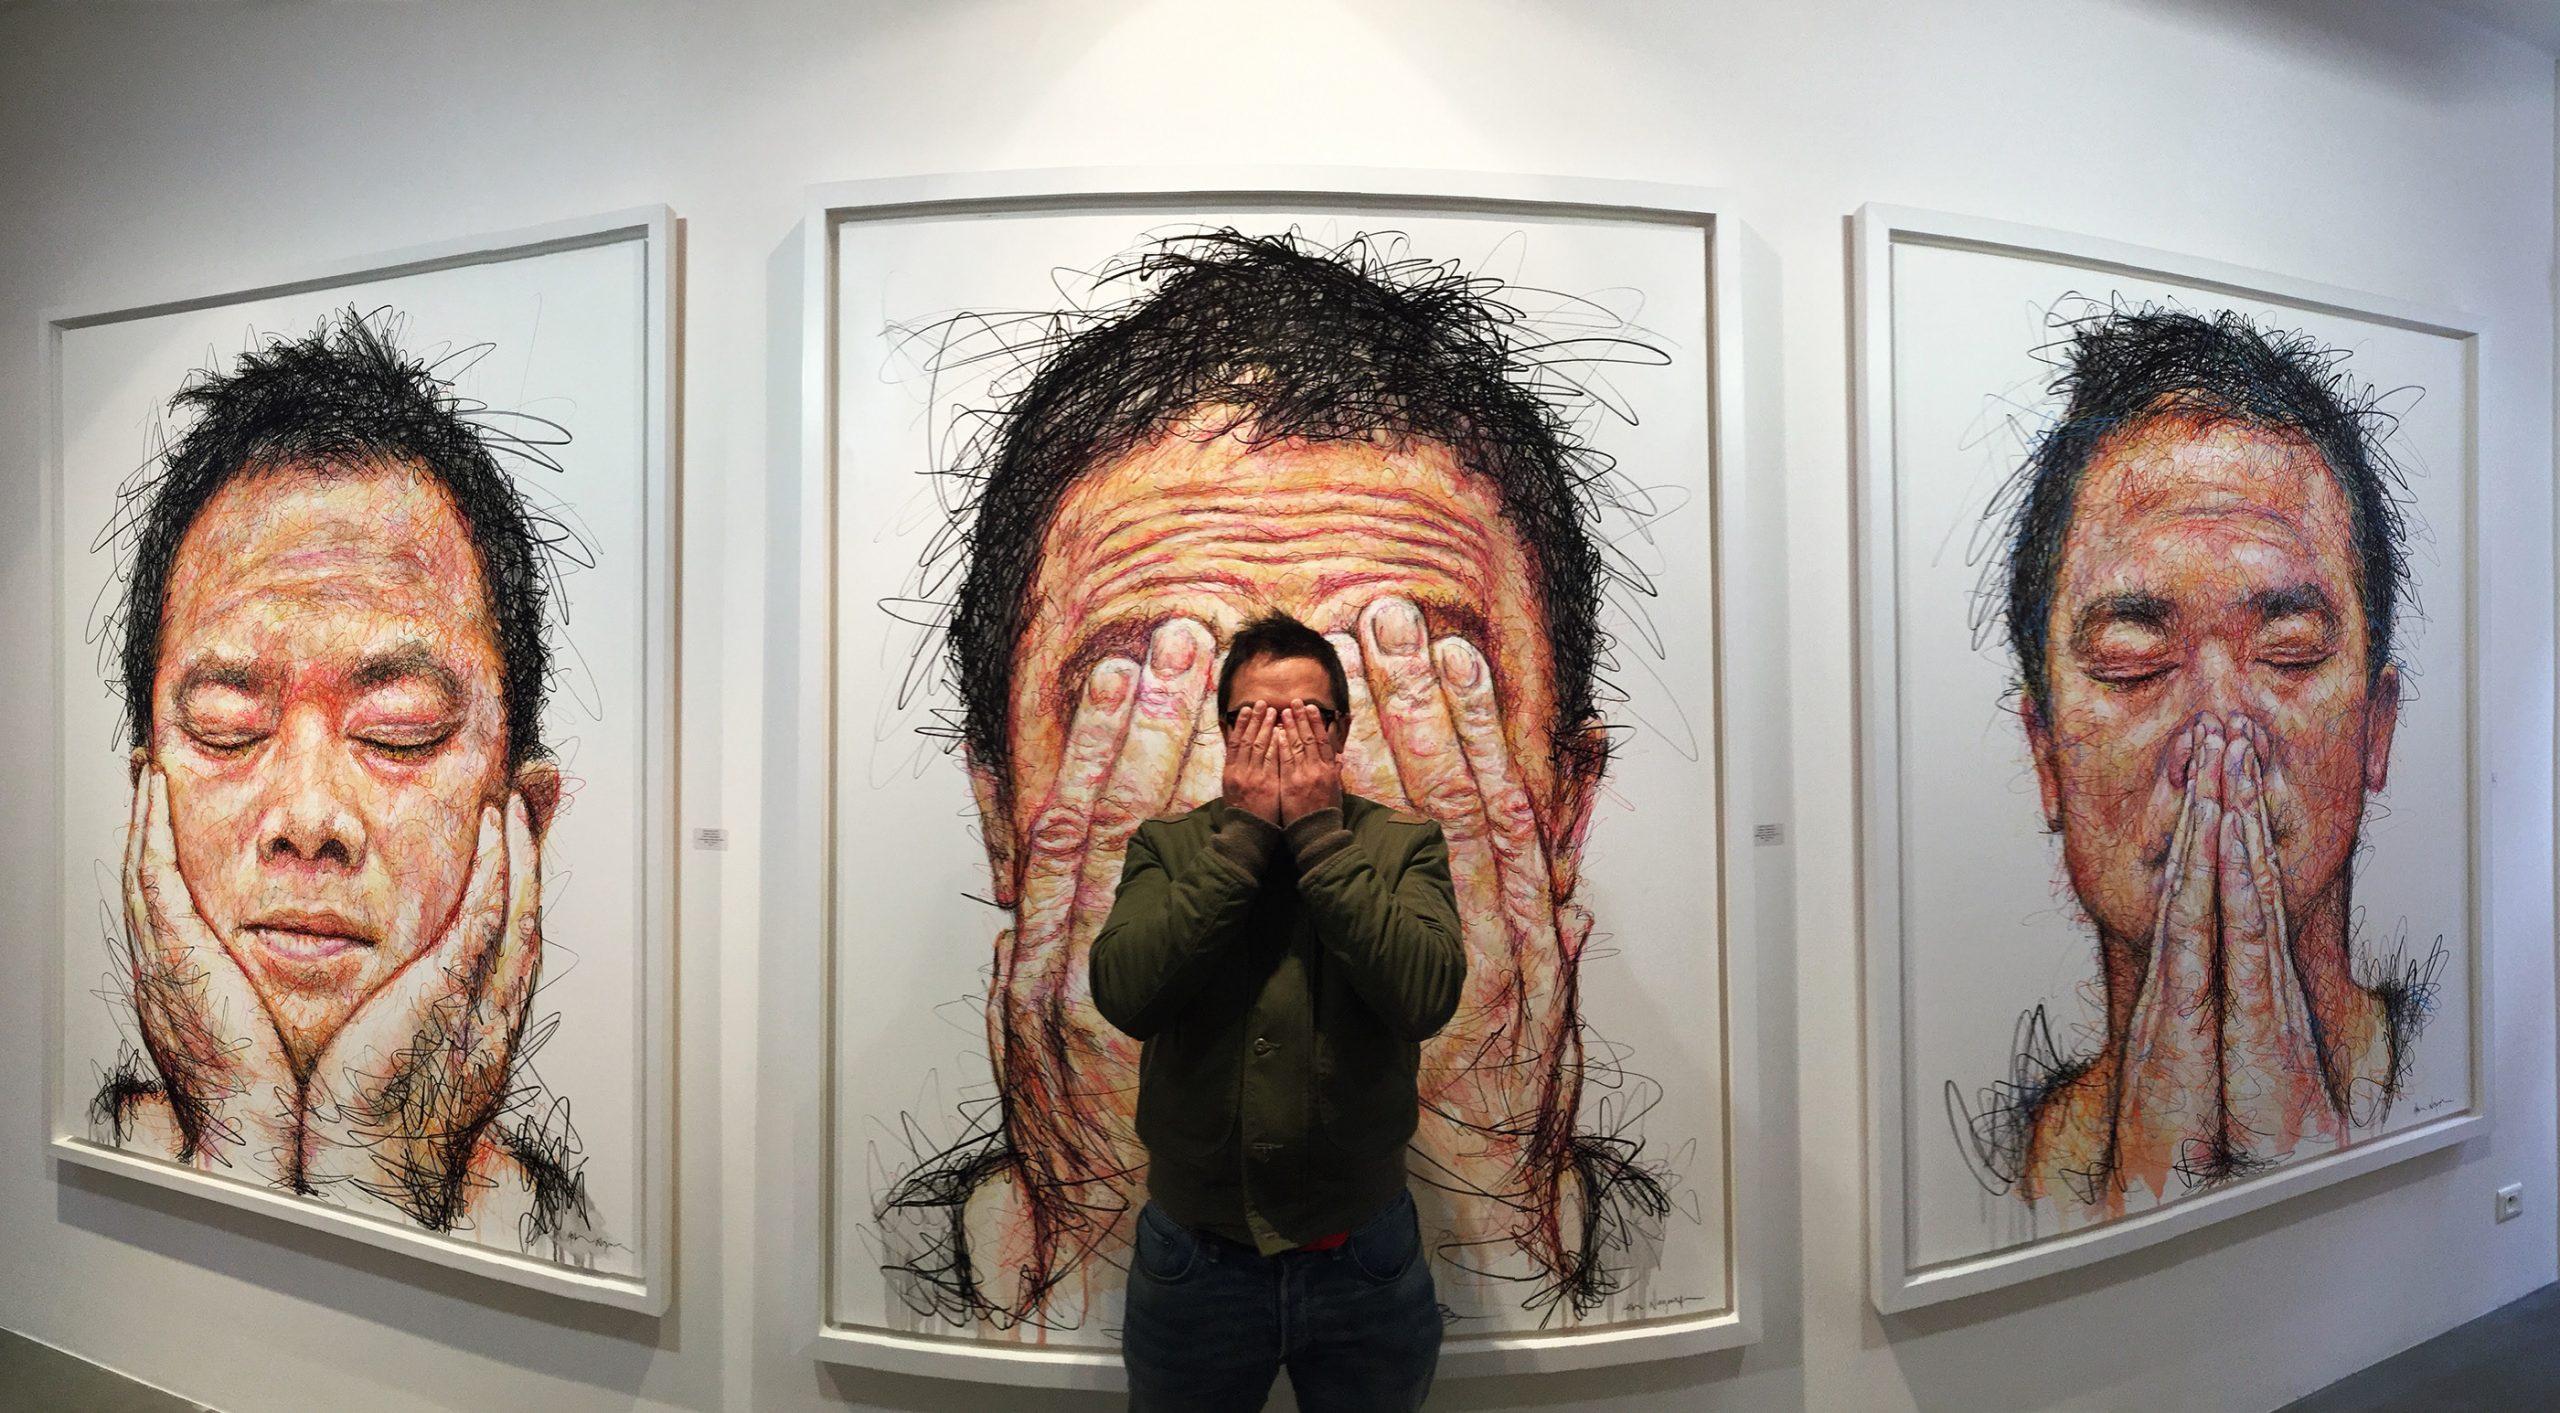 Hom Nguyen và 3 bức chân dung tự họa bản thân trong BST Hidden tại triển lãm ở Bali (Indonesia).